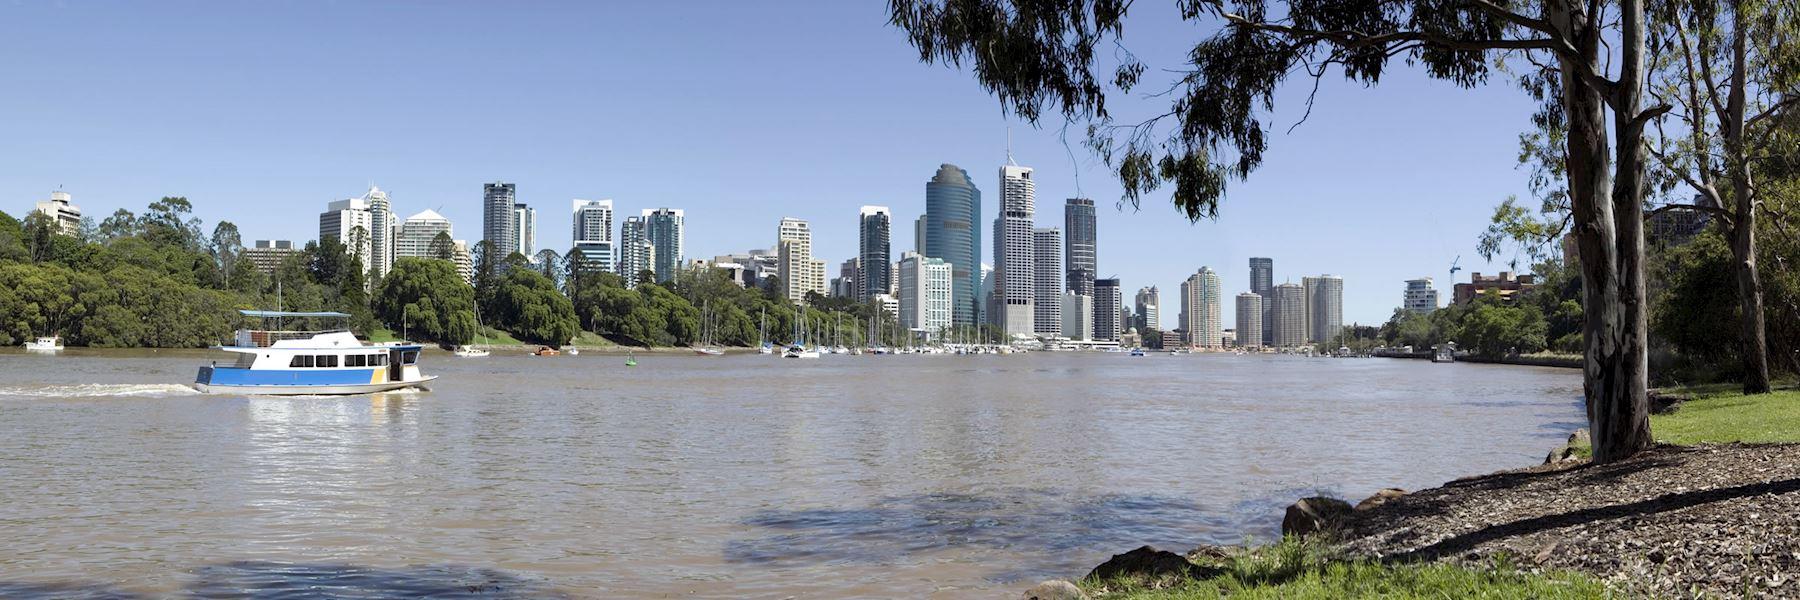 Visit Brisbane, Australia